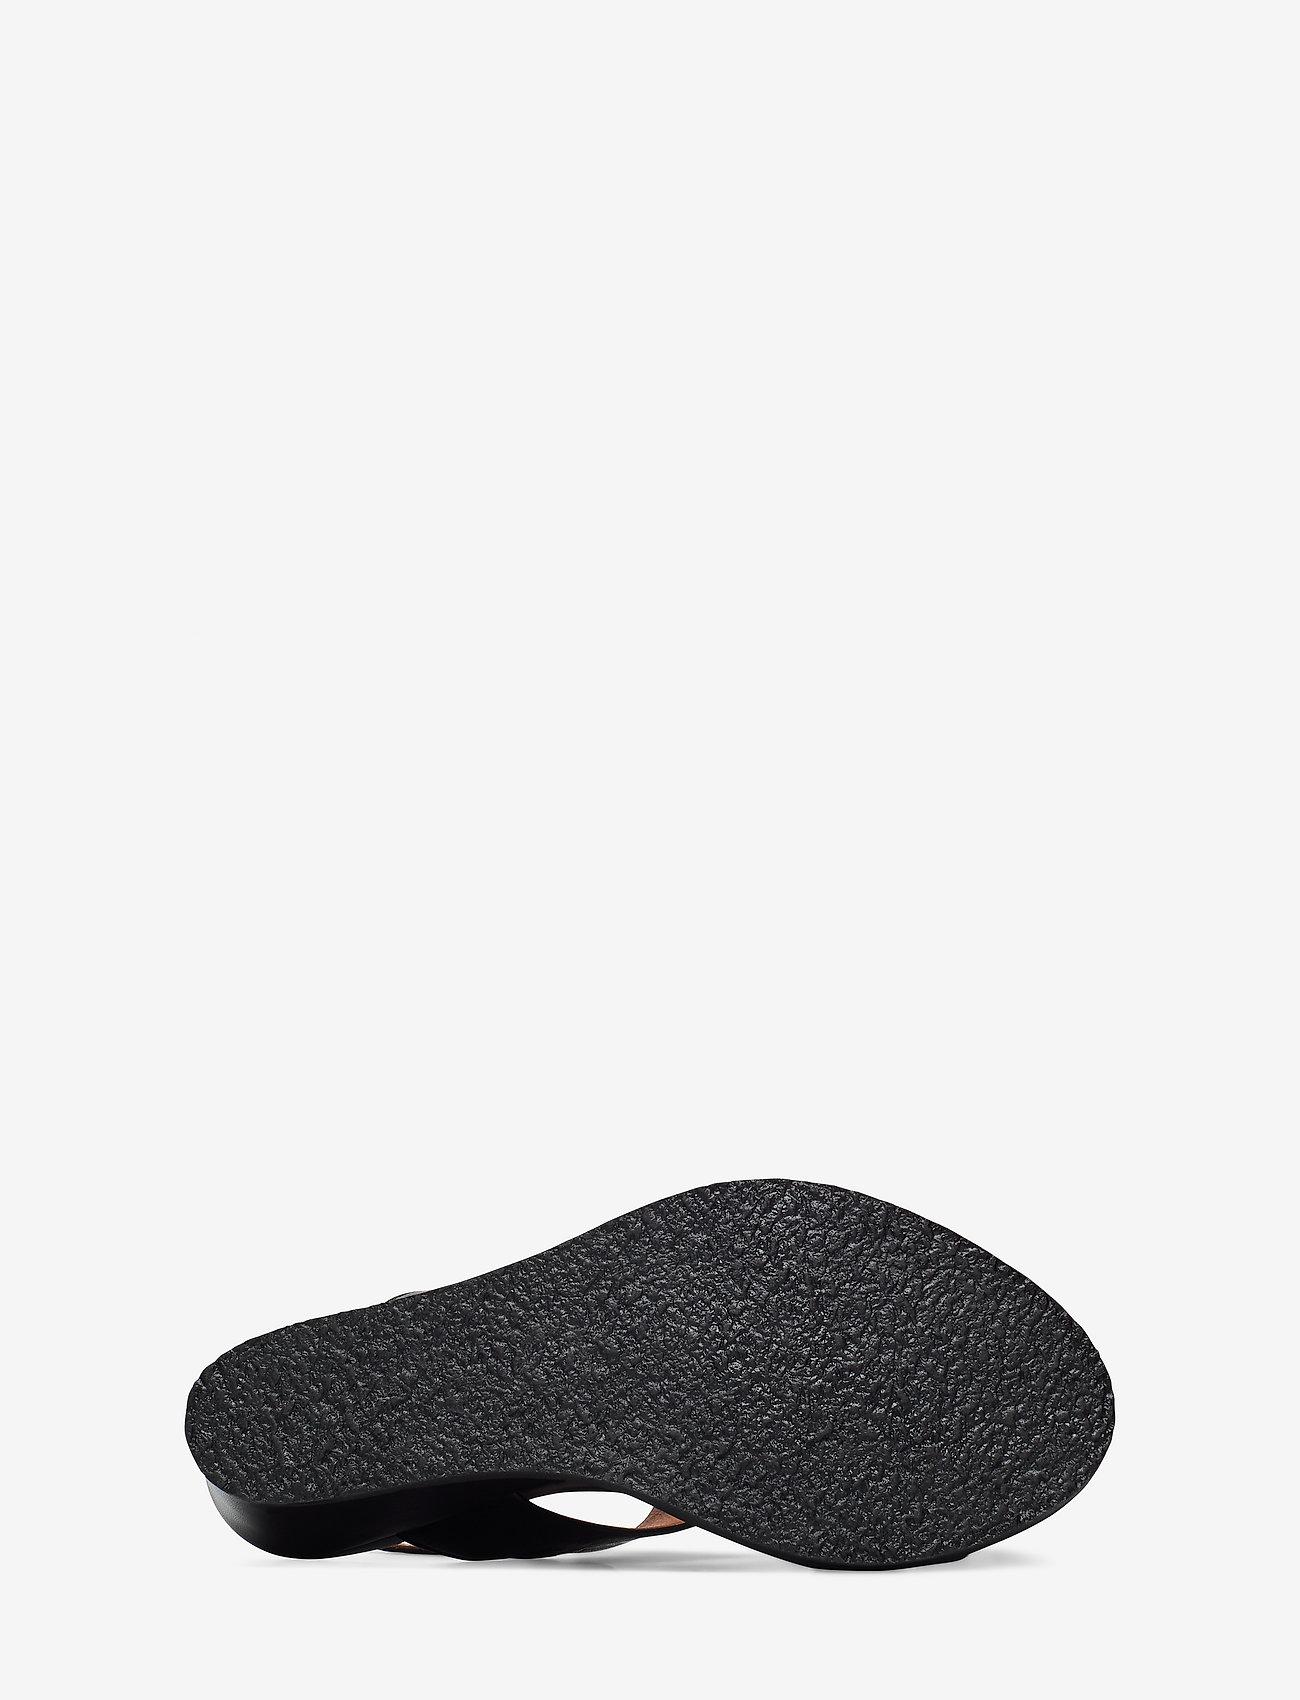 Biacaily Leather Wedge Sandal (Black) (64.99 €) - Bianco u2fEF